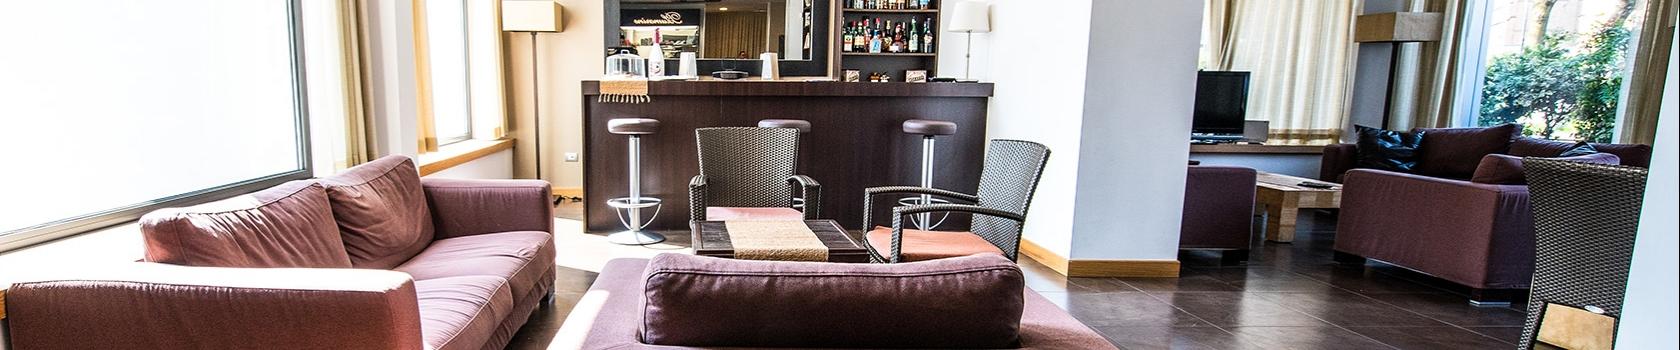 Prova i deliziosi drink del bar dell'Hotel Touring a Carpi